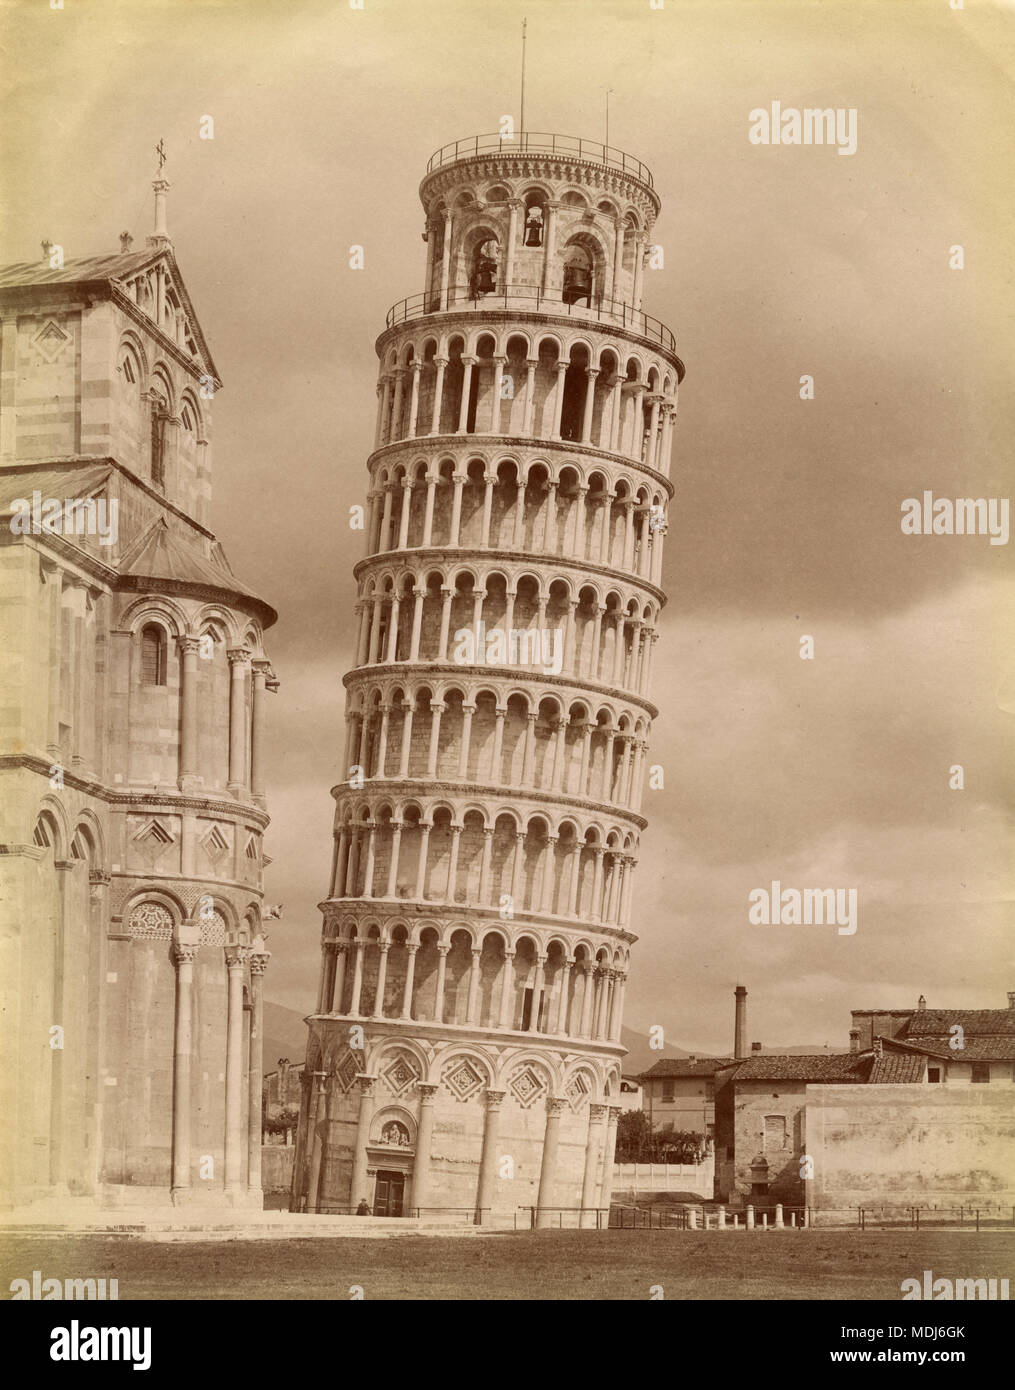 La torre pendente di Pisa, Italia 1880 Immagini Stock